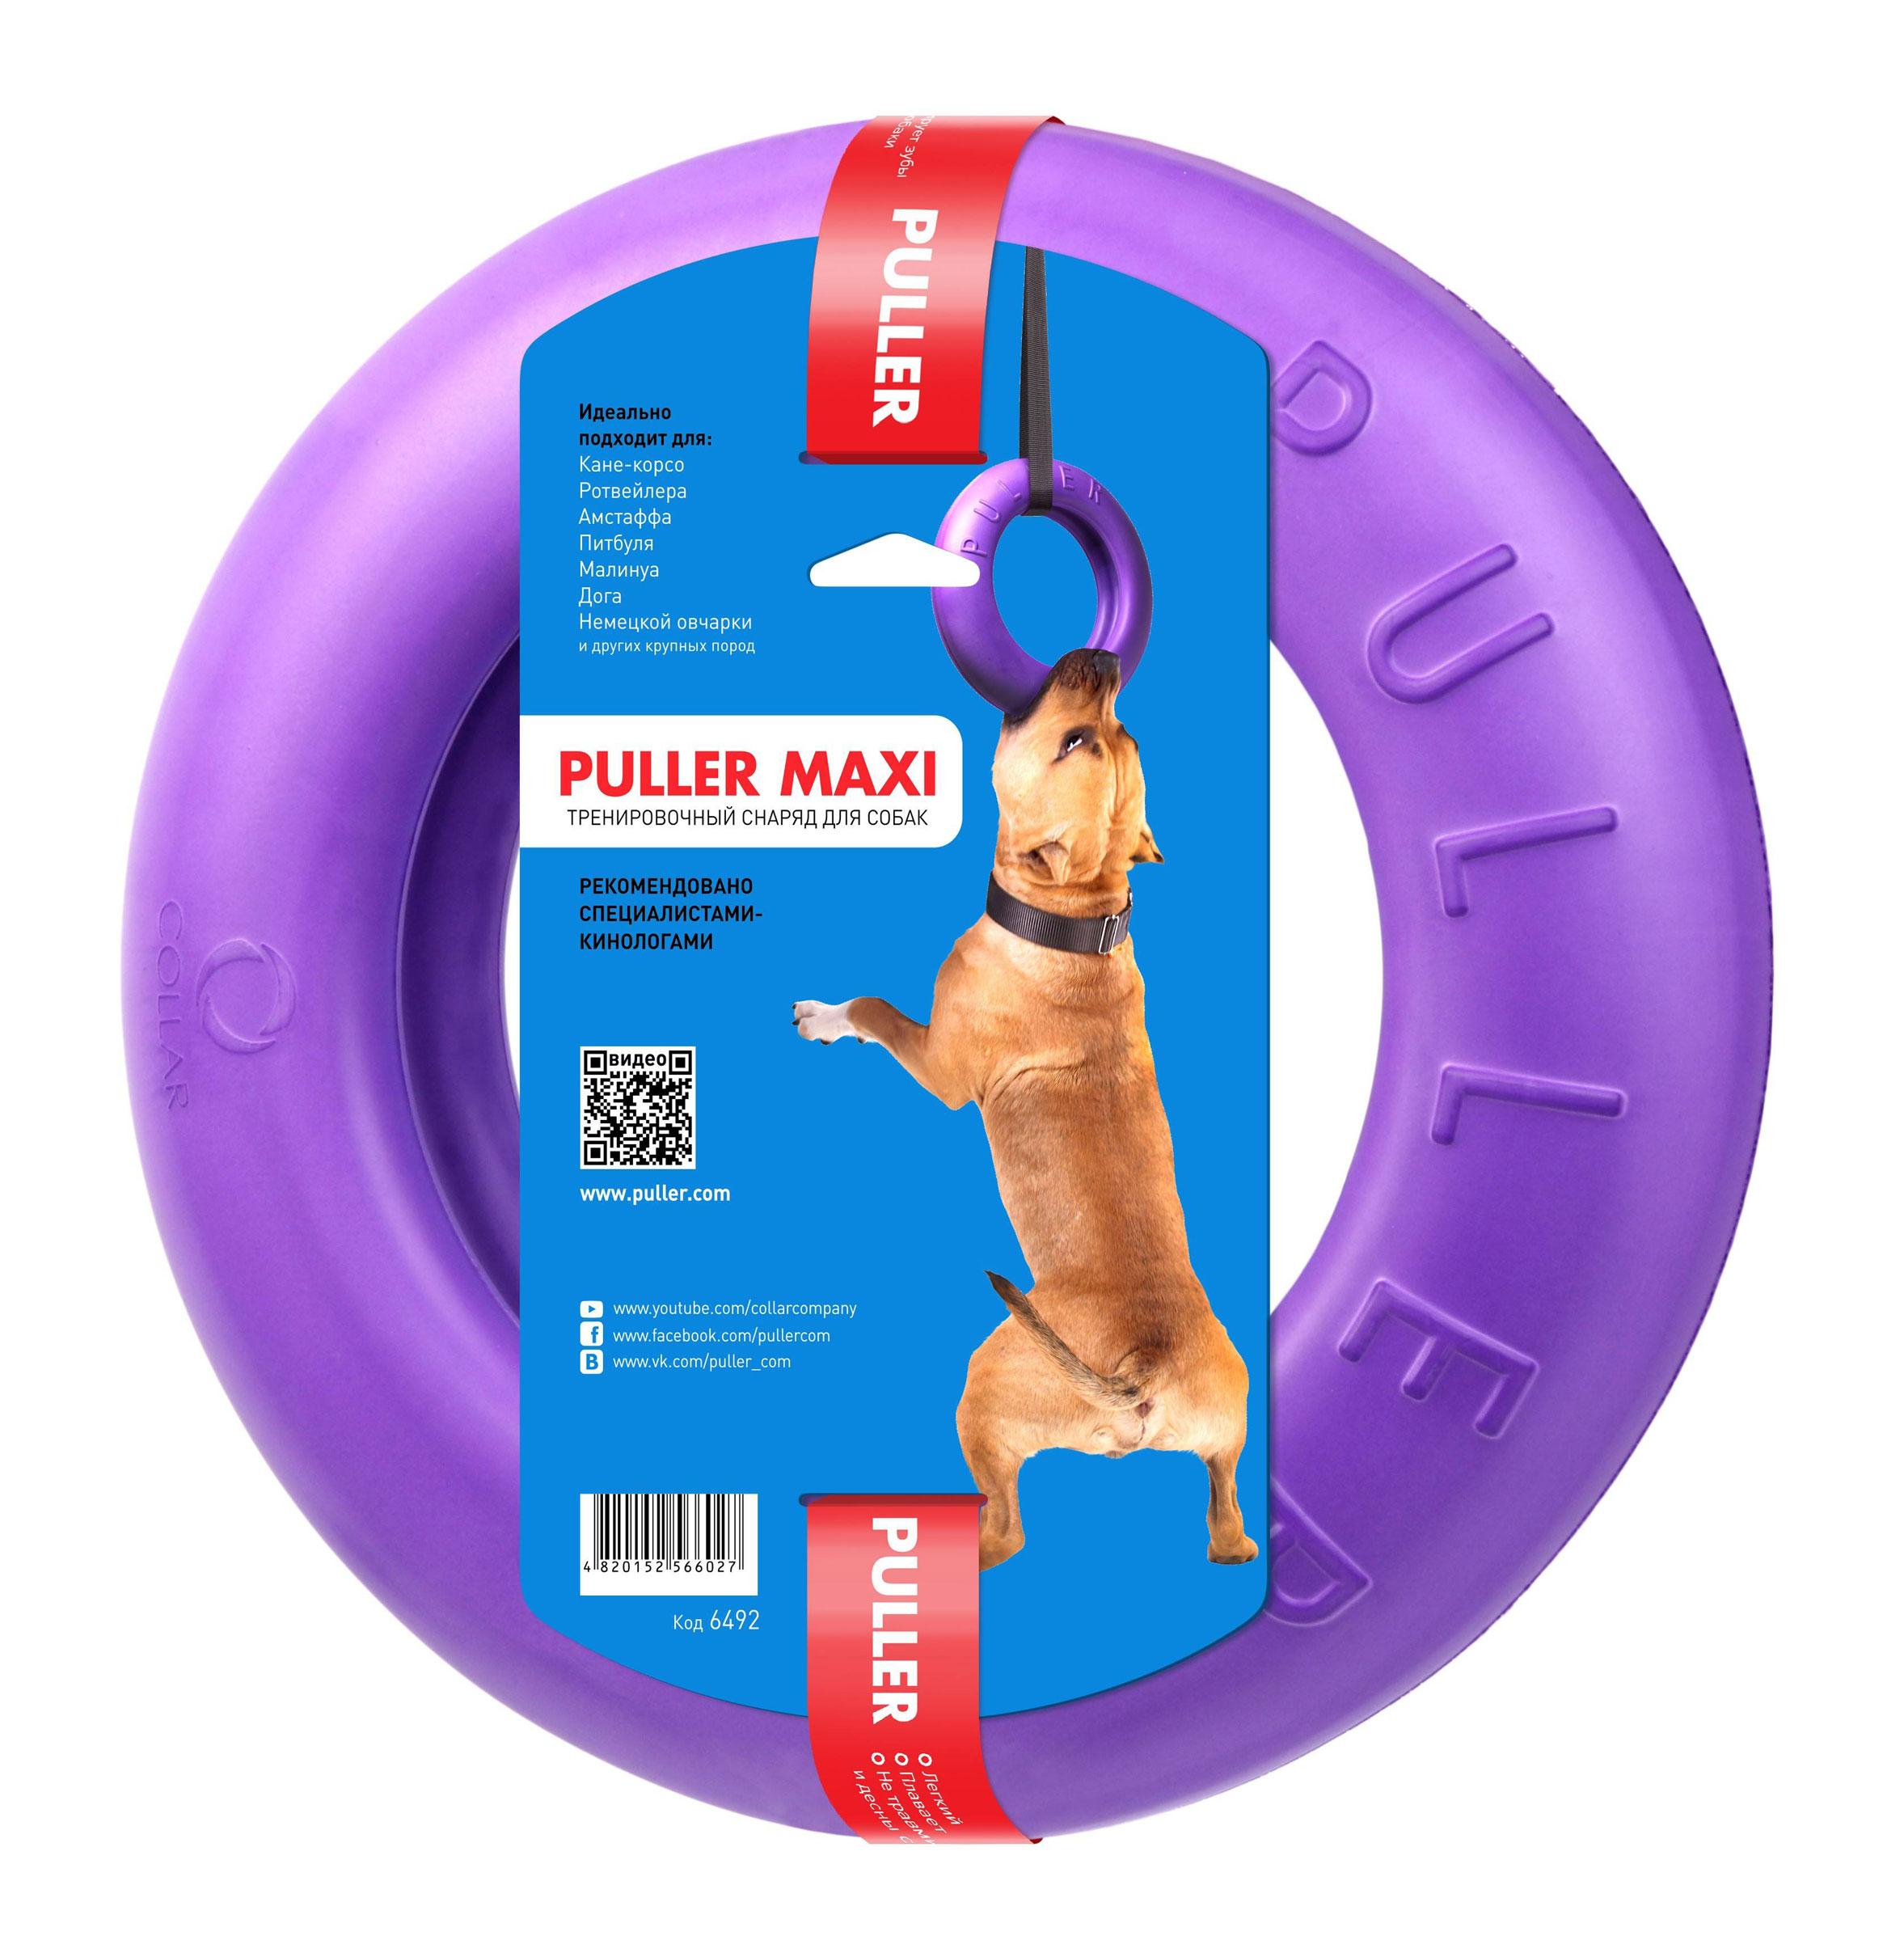 PULLER MAXI – тренировочный снаряд для собак